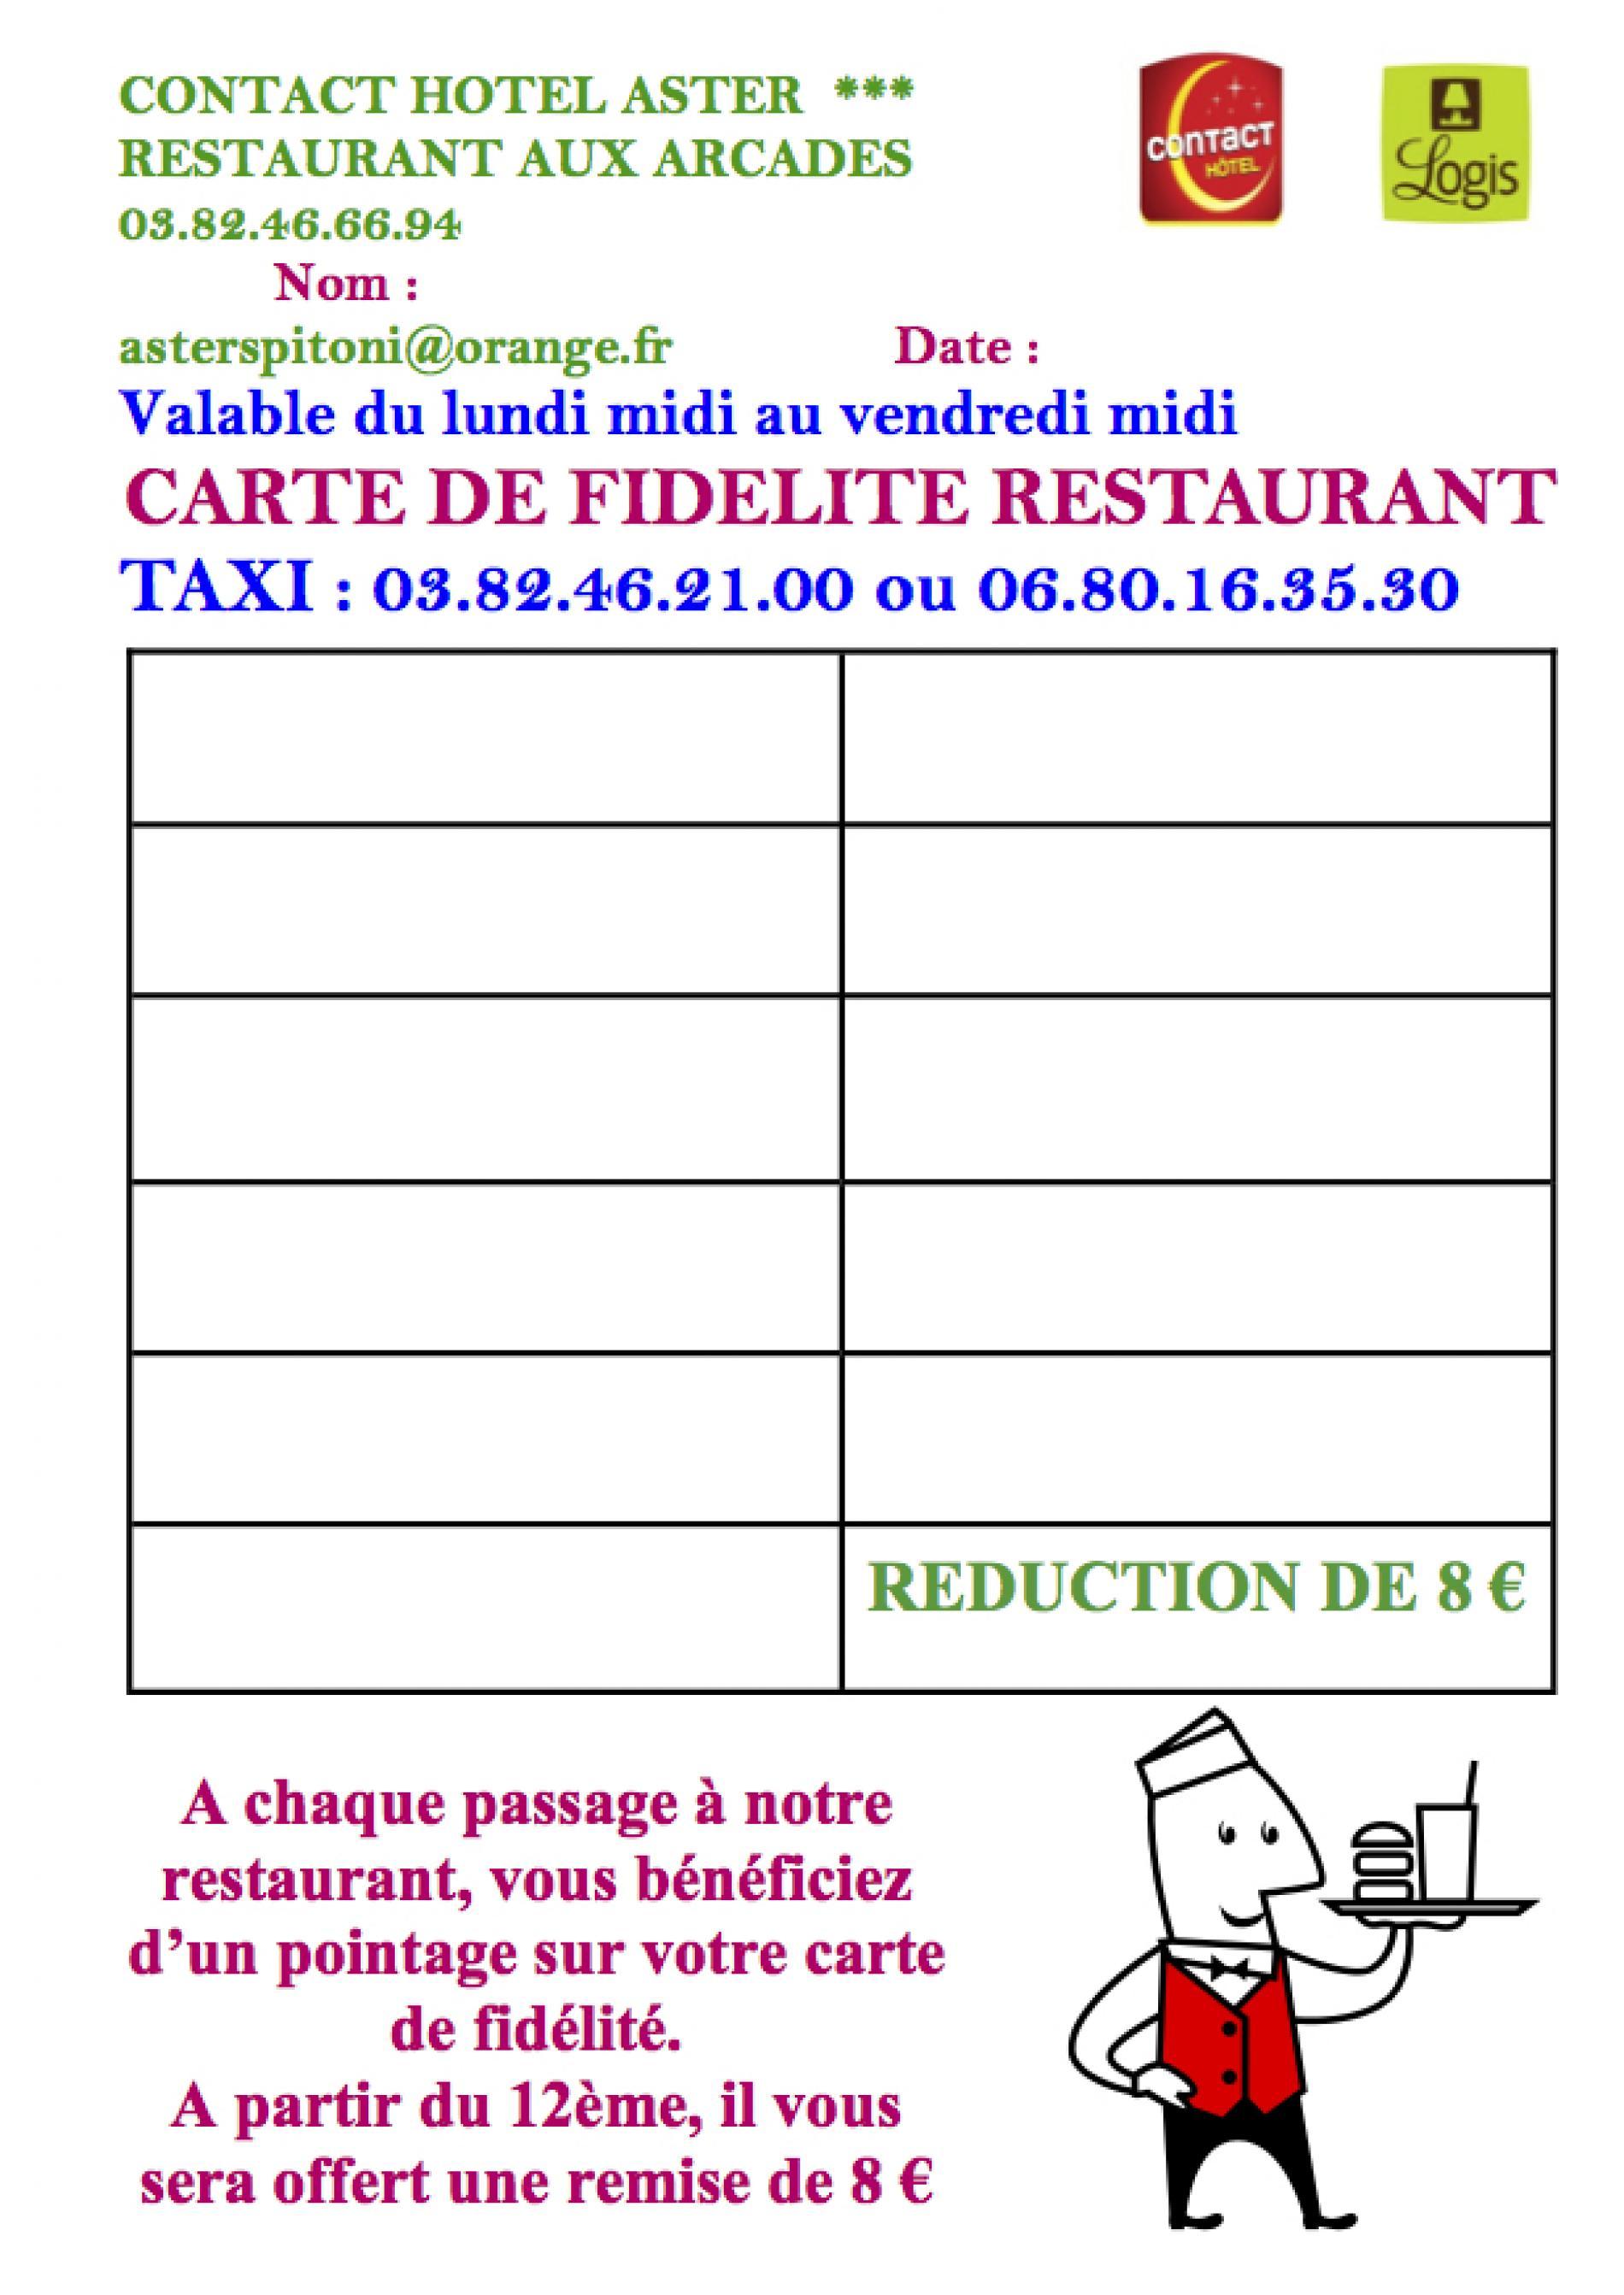 Carte de fidélité - Restaurant aux Arcades